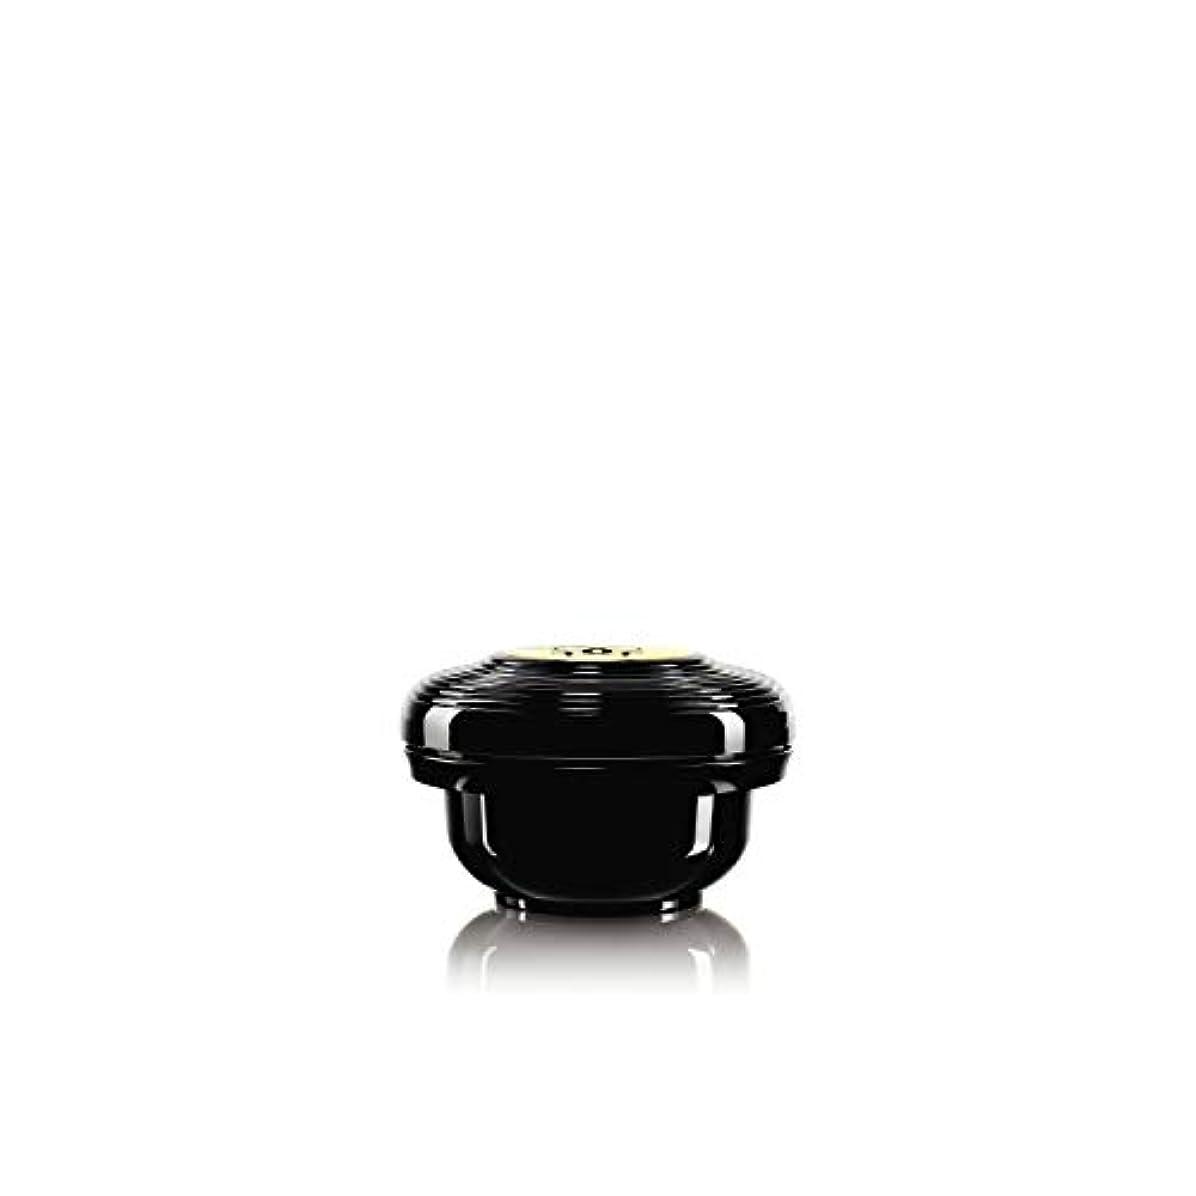 恐怖肘掛け椅子教育者【GUERLAIN(ゲラン)】オーキデ アンペリアル ブラック クリーム ベルナルド(リフィル)50mL/クリーム